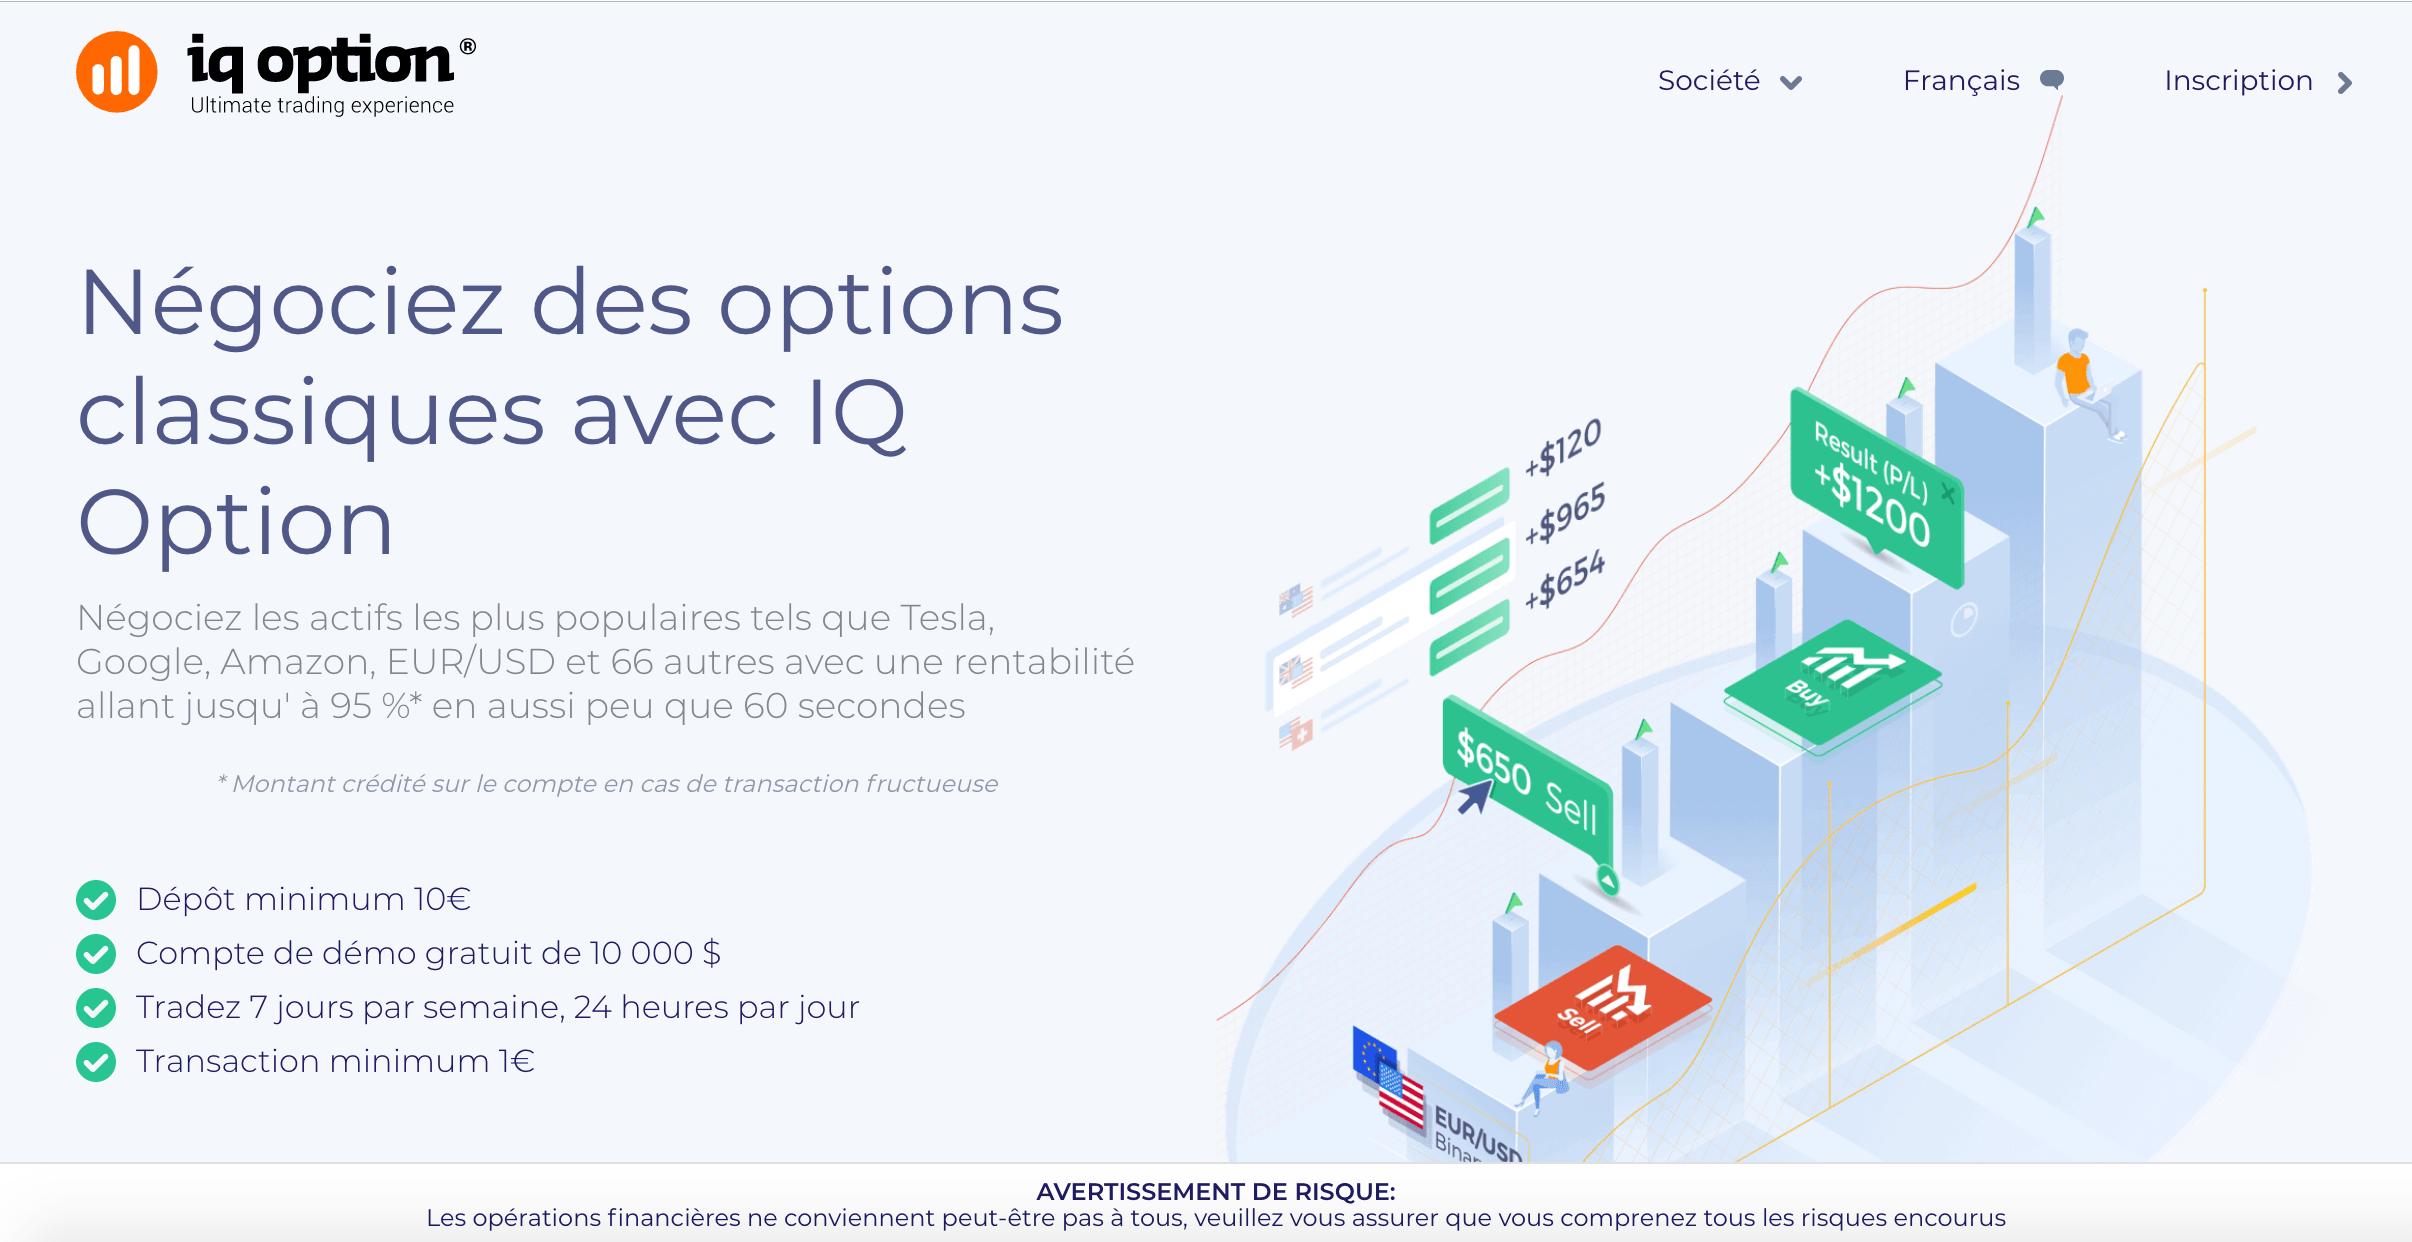 Meilleur trading d'options binaires en ligne